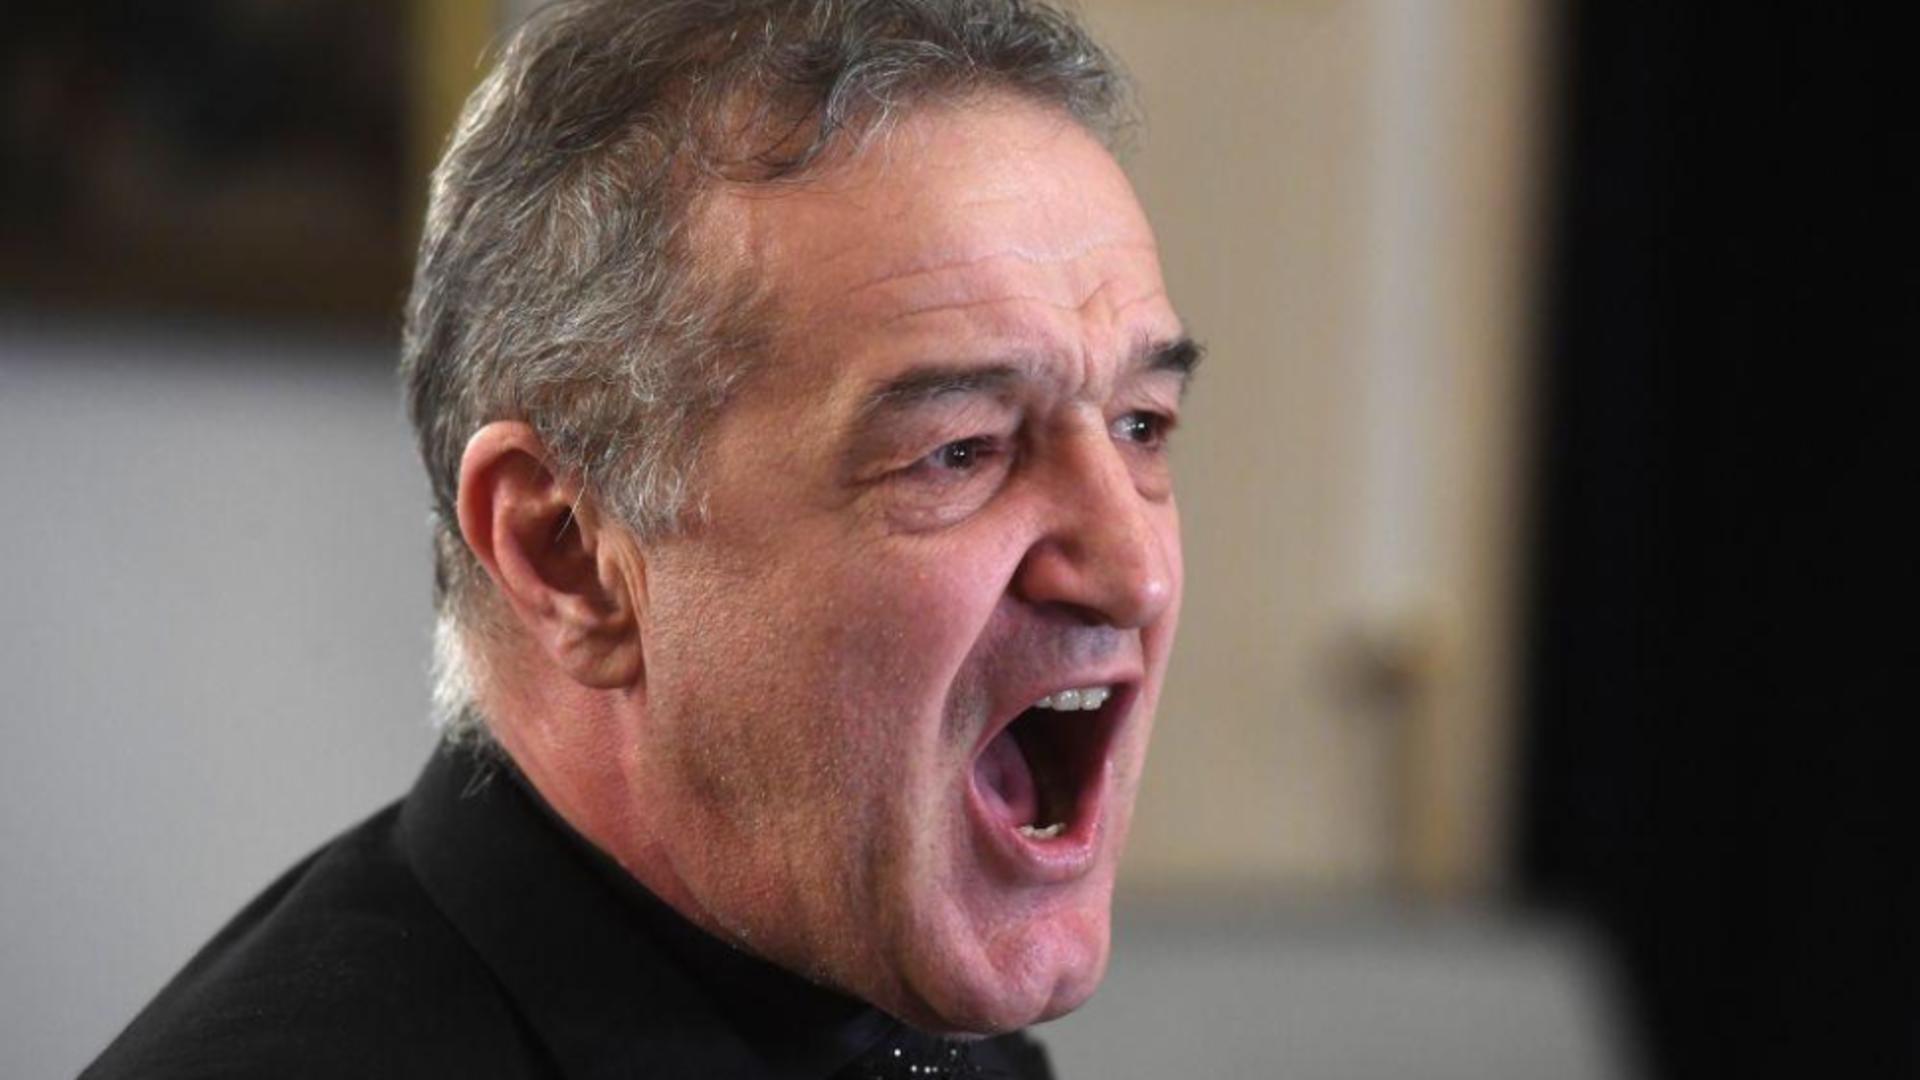 """Gigi Becali le-a declarat război lui Burleanu și Iorgulescu: """"Schimbați, bă, regulamentul că o să îi omorâți pe fotbaliști!"""""""